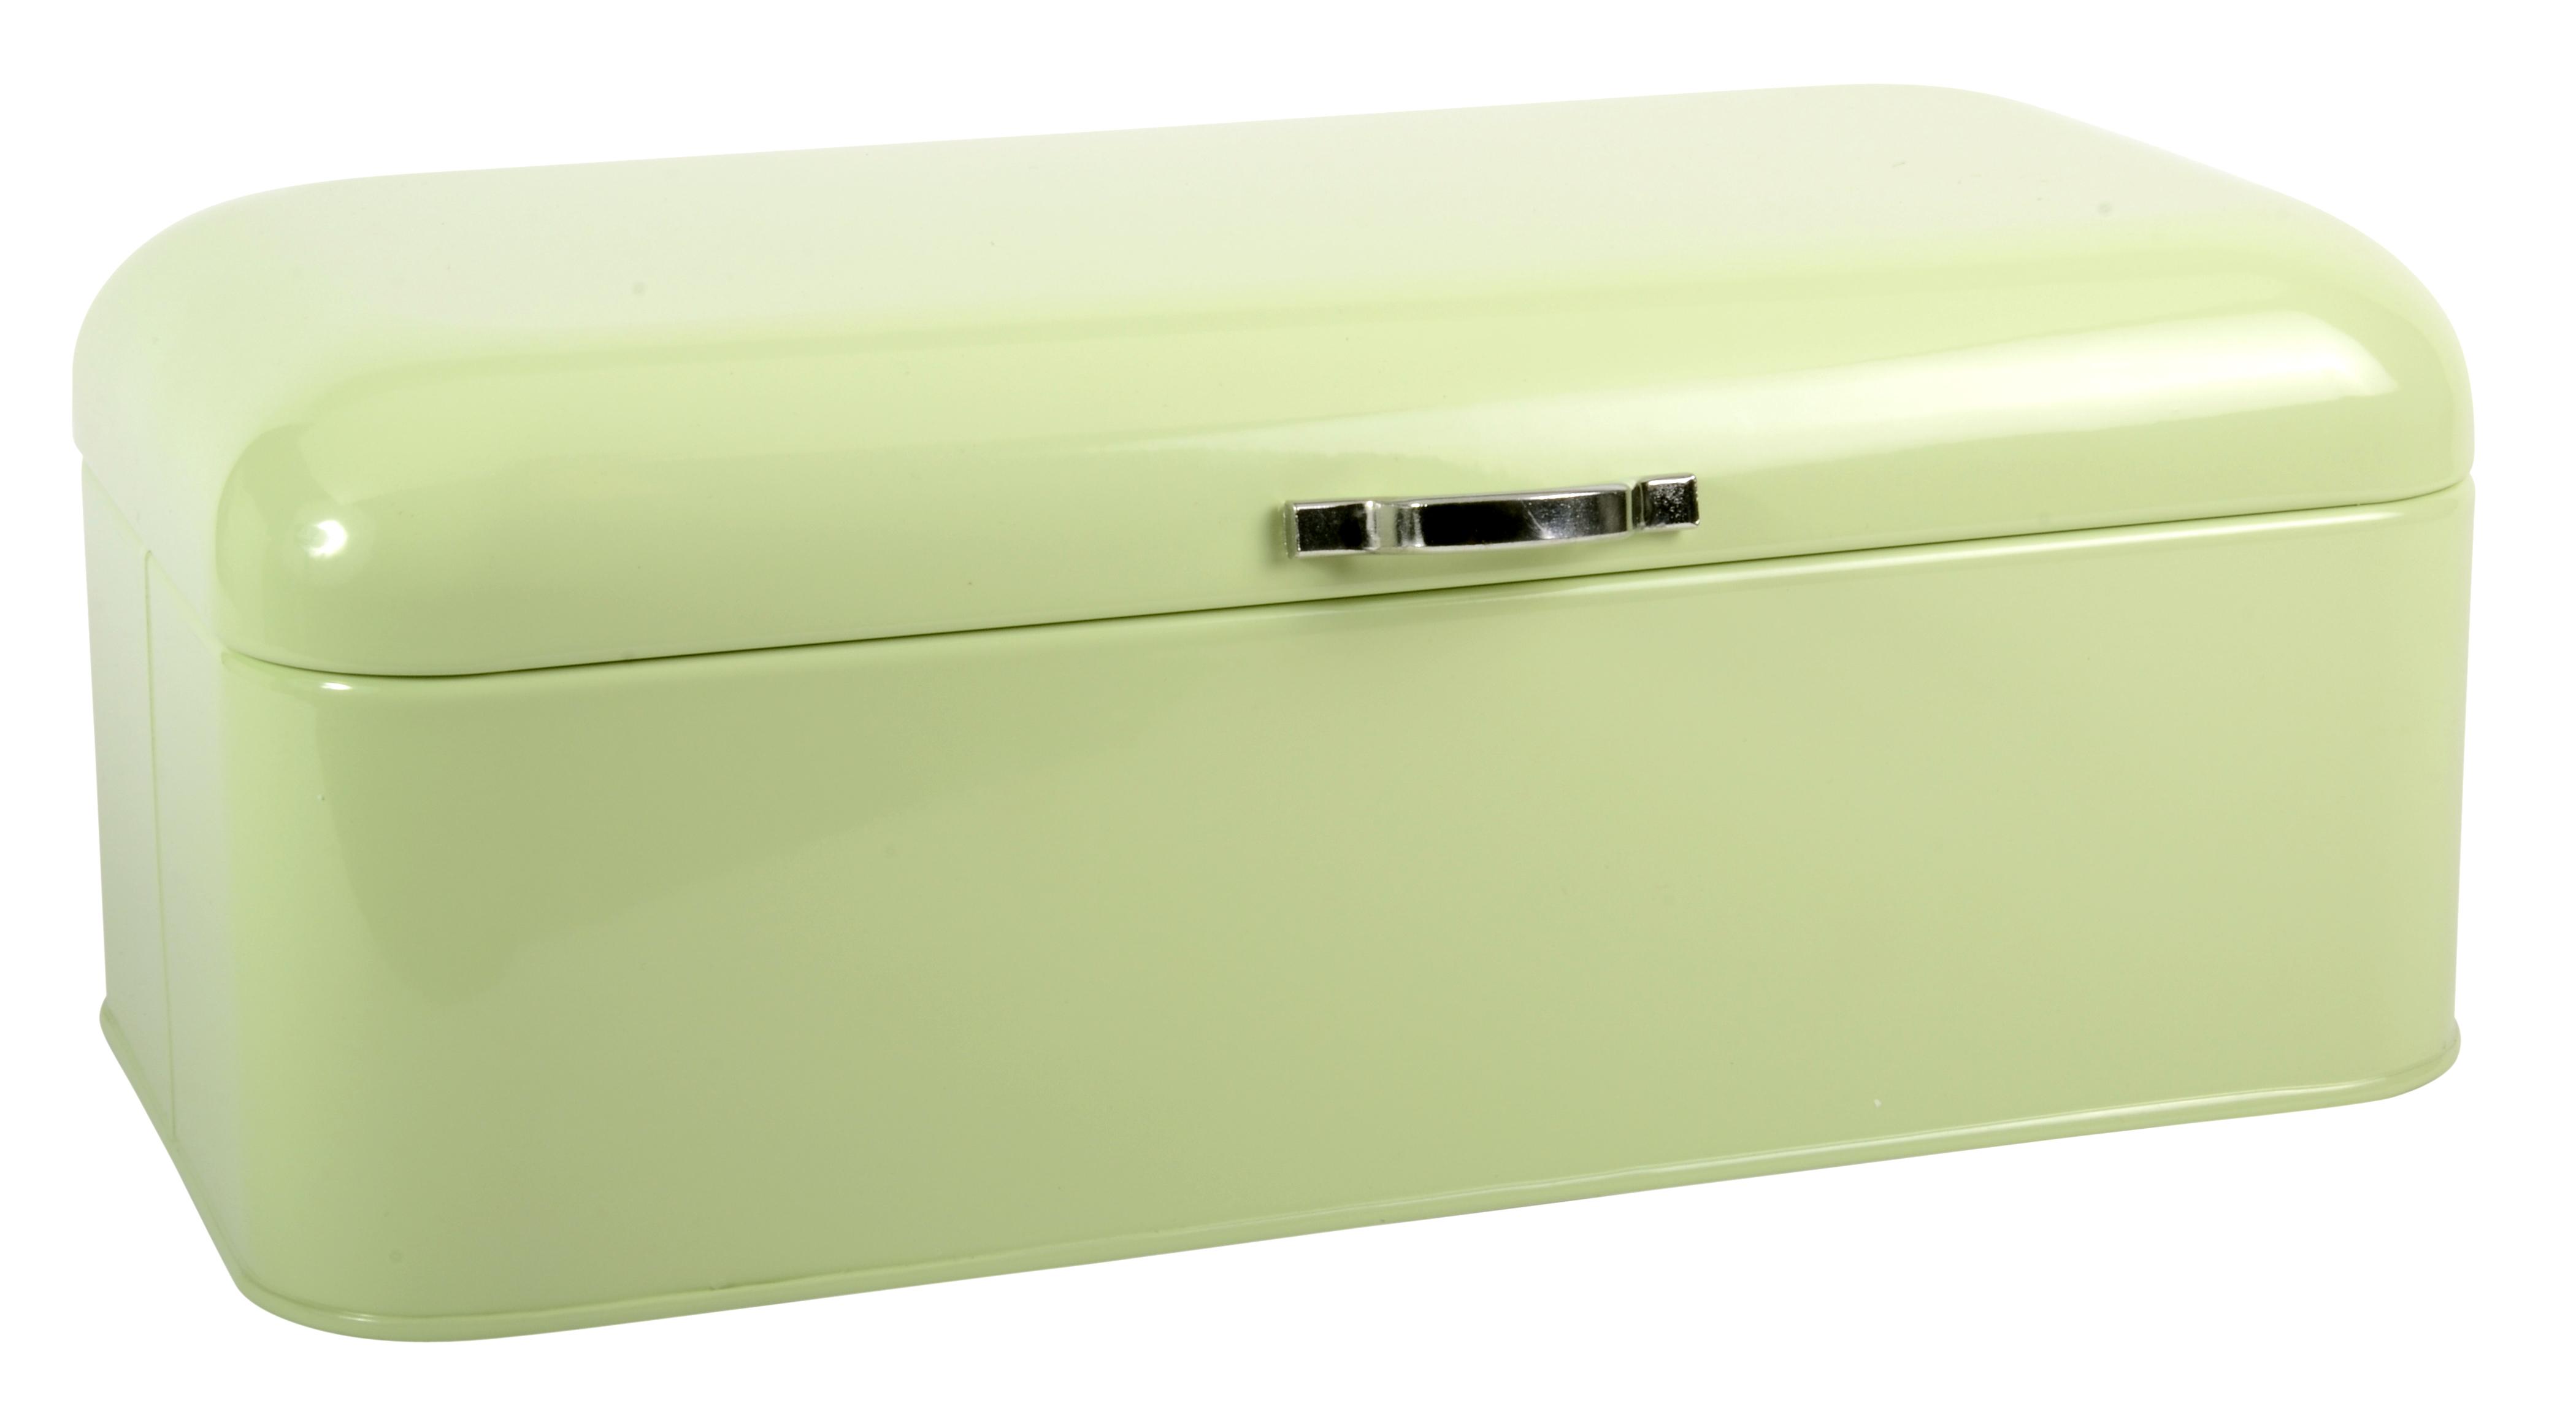 brotbox applegreen ib laursen 0001061. Black Bedroom Furniture Sets. Home Design Ideas